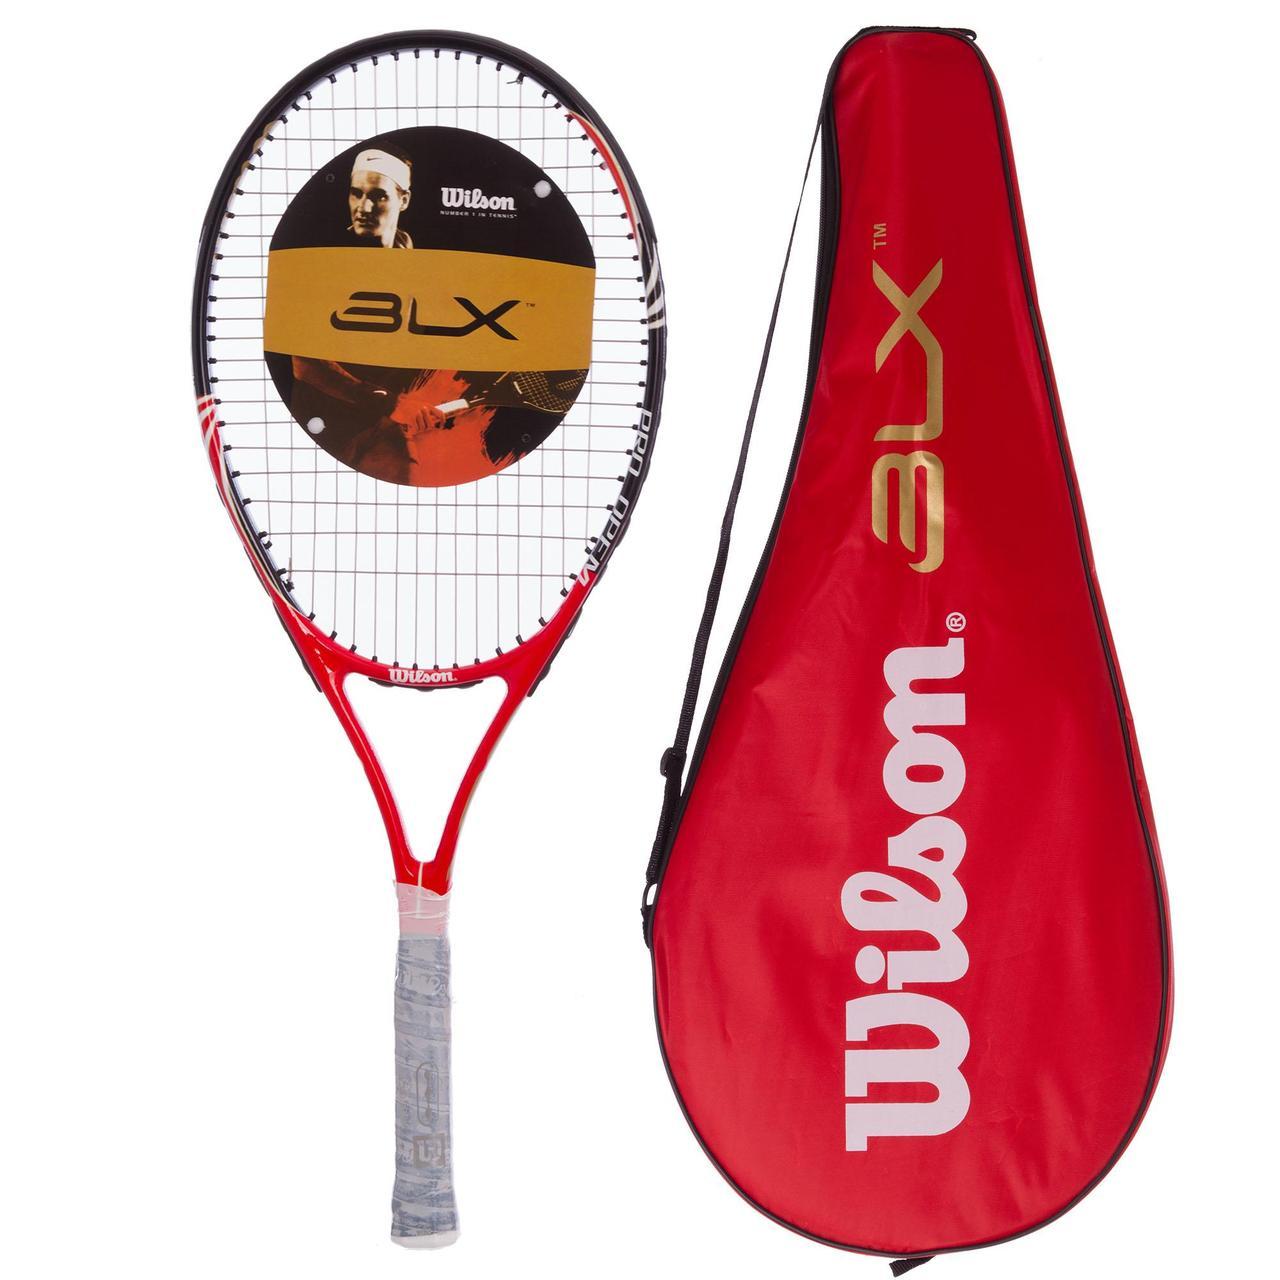 Ракетка для большого тенниса BT-0002 WLS, BBL, HED (Replica, цвета в ассортименте)